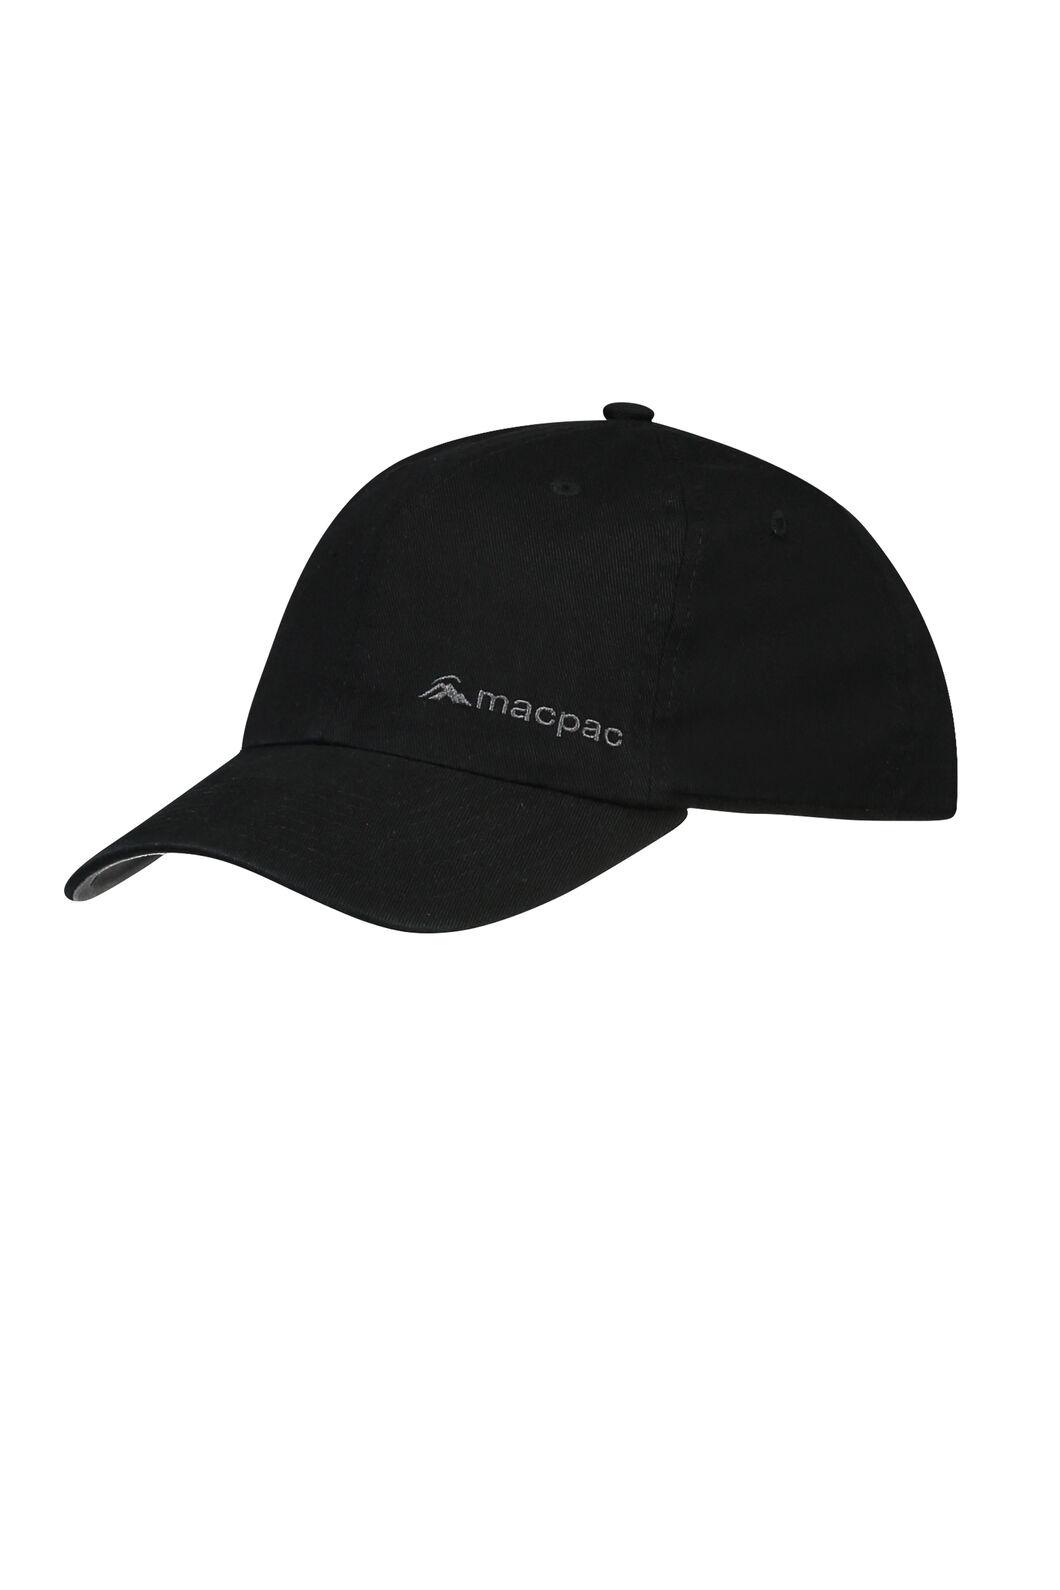 Macpac Cotton Cap, Black, hi-res